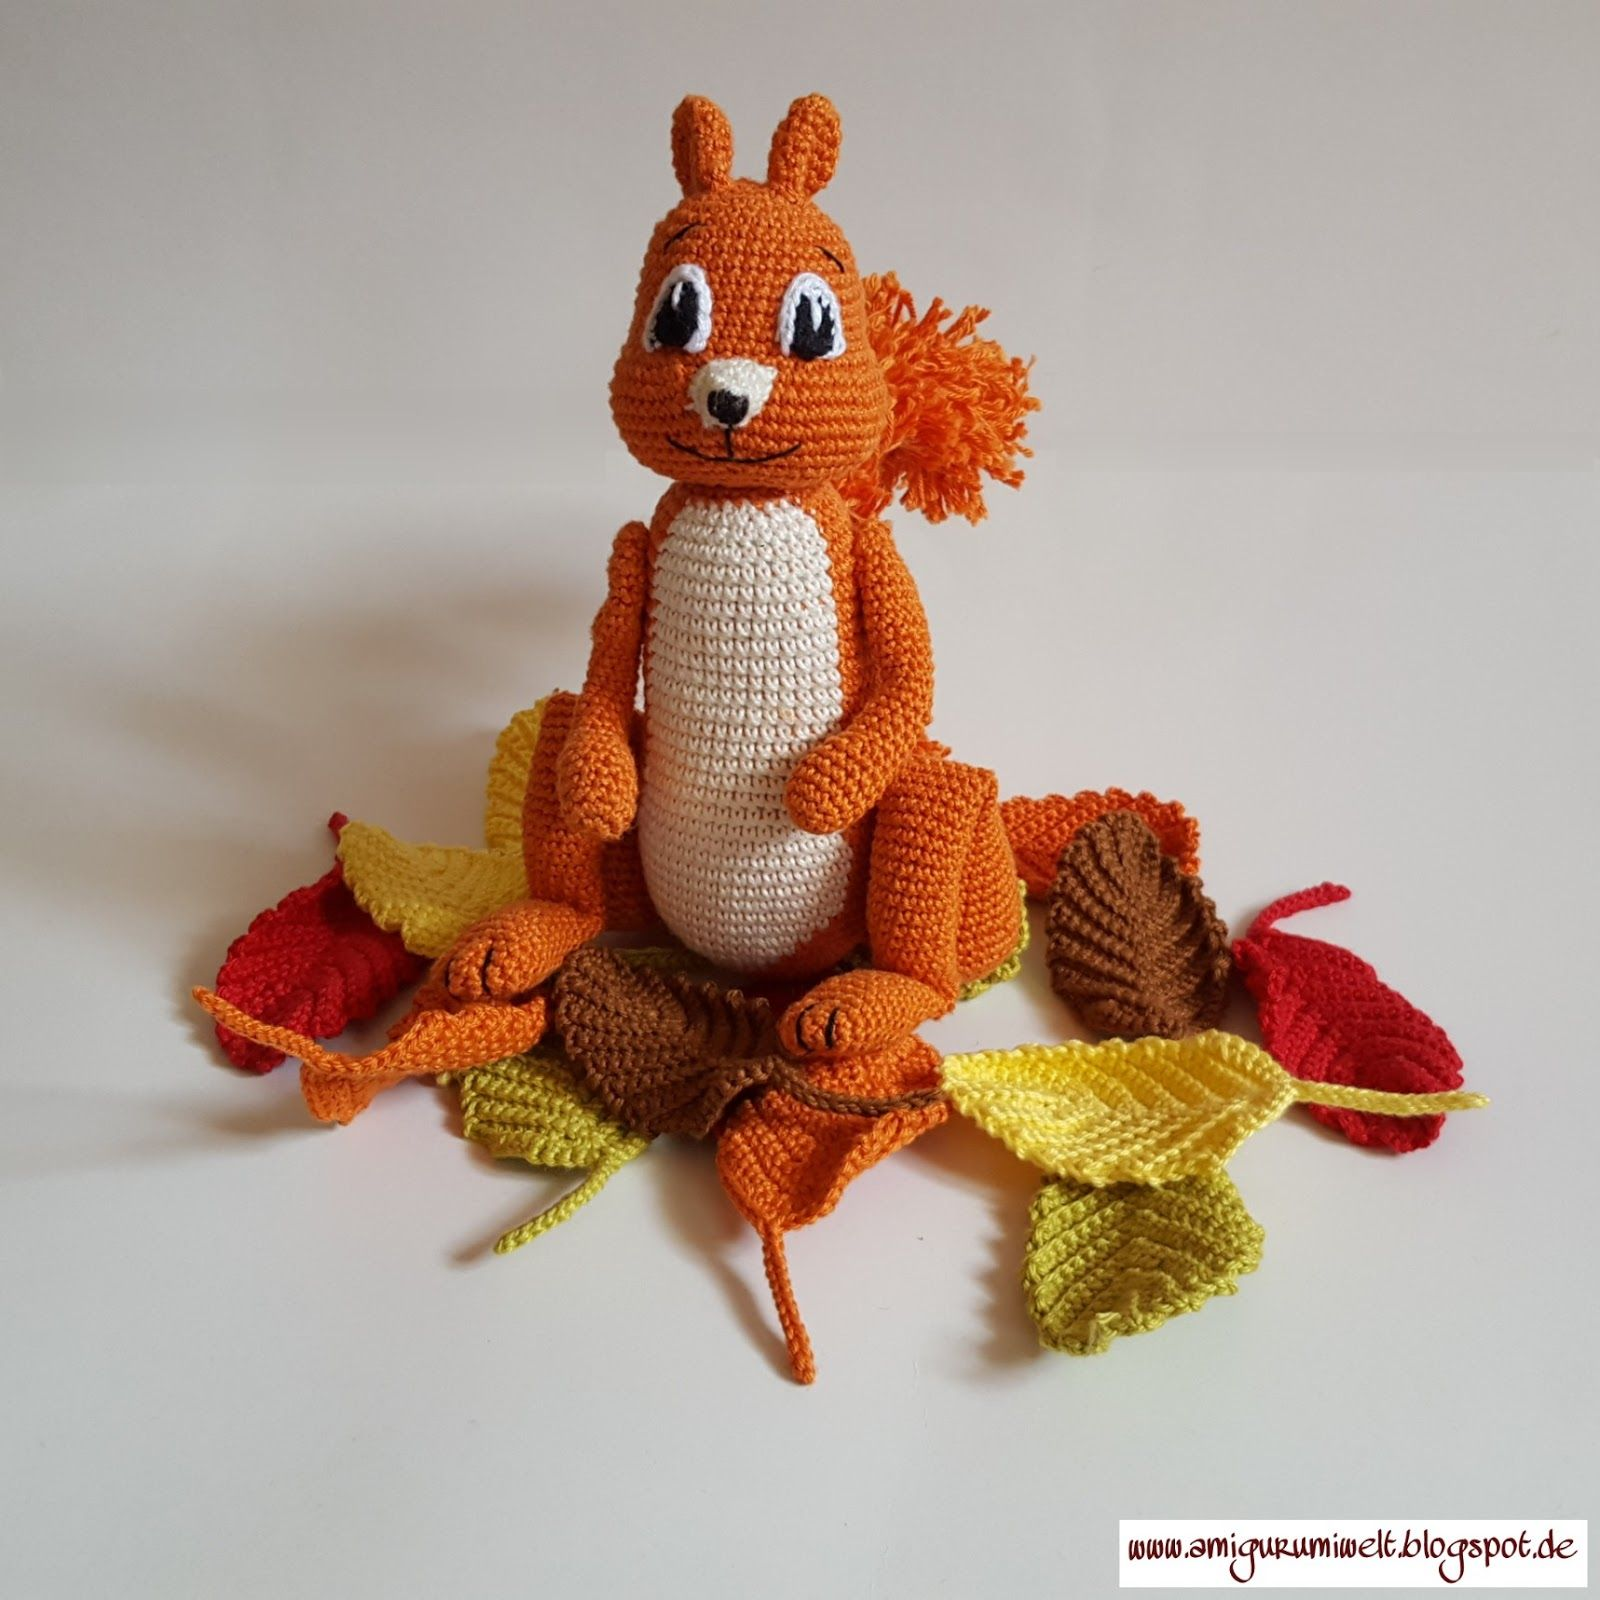 Amigurumi Crochet Häkeln Kostenlos Free Patron Gratis